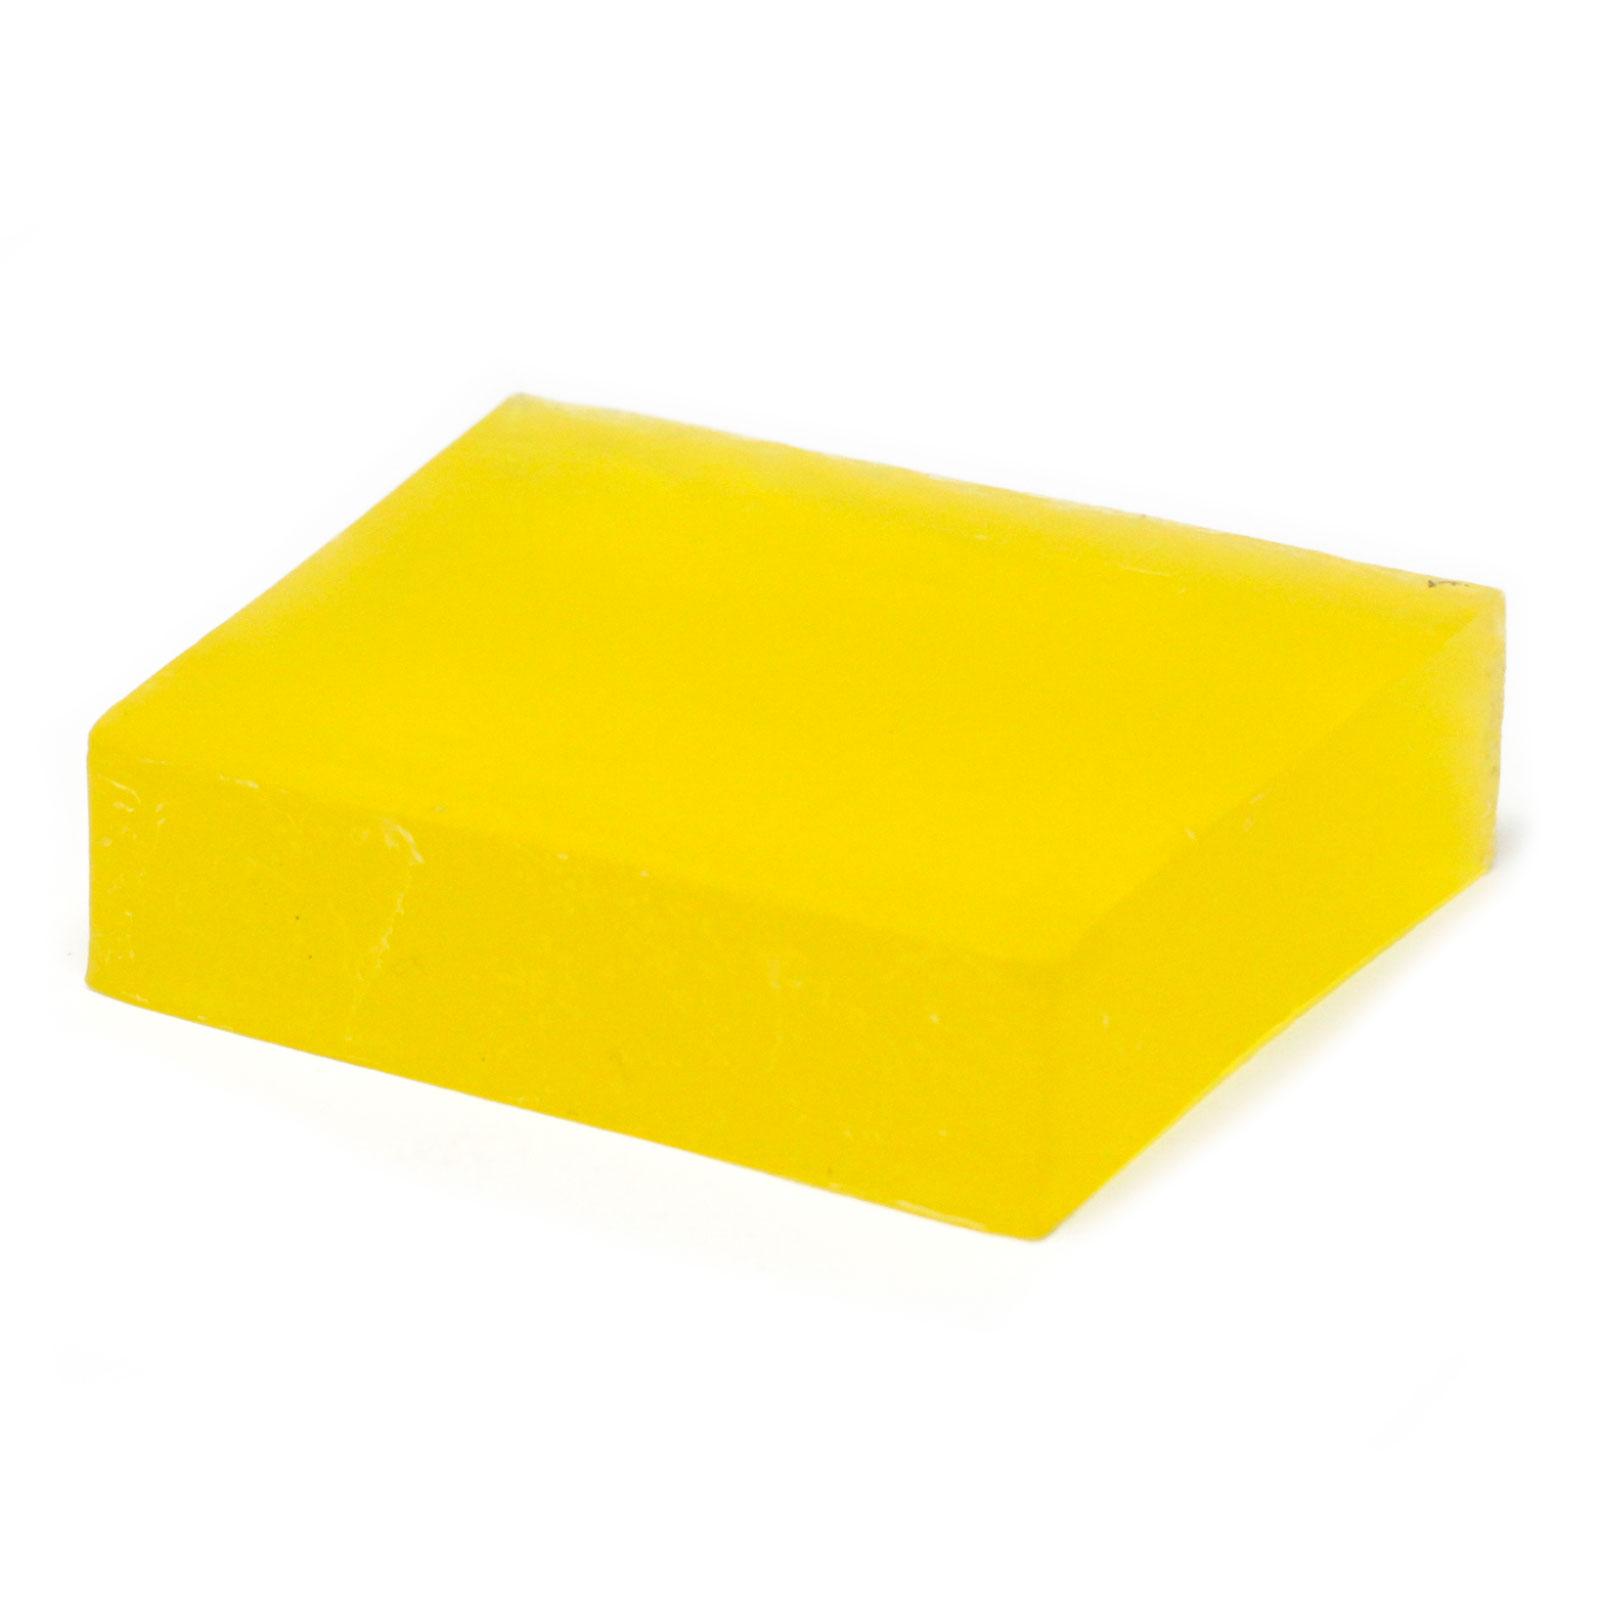 Citronella Per Piece Approx 100g